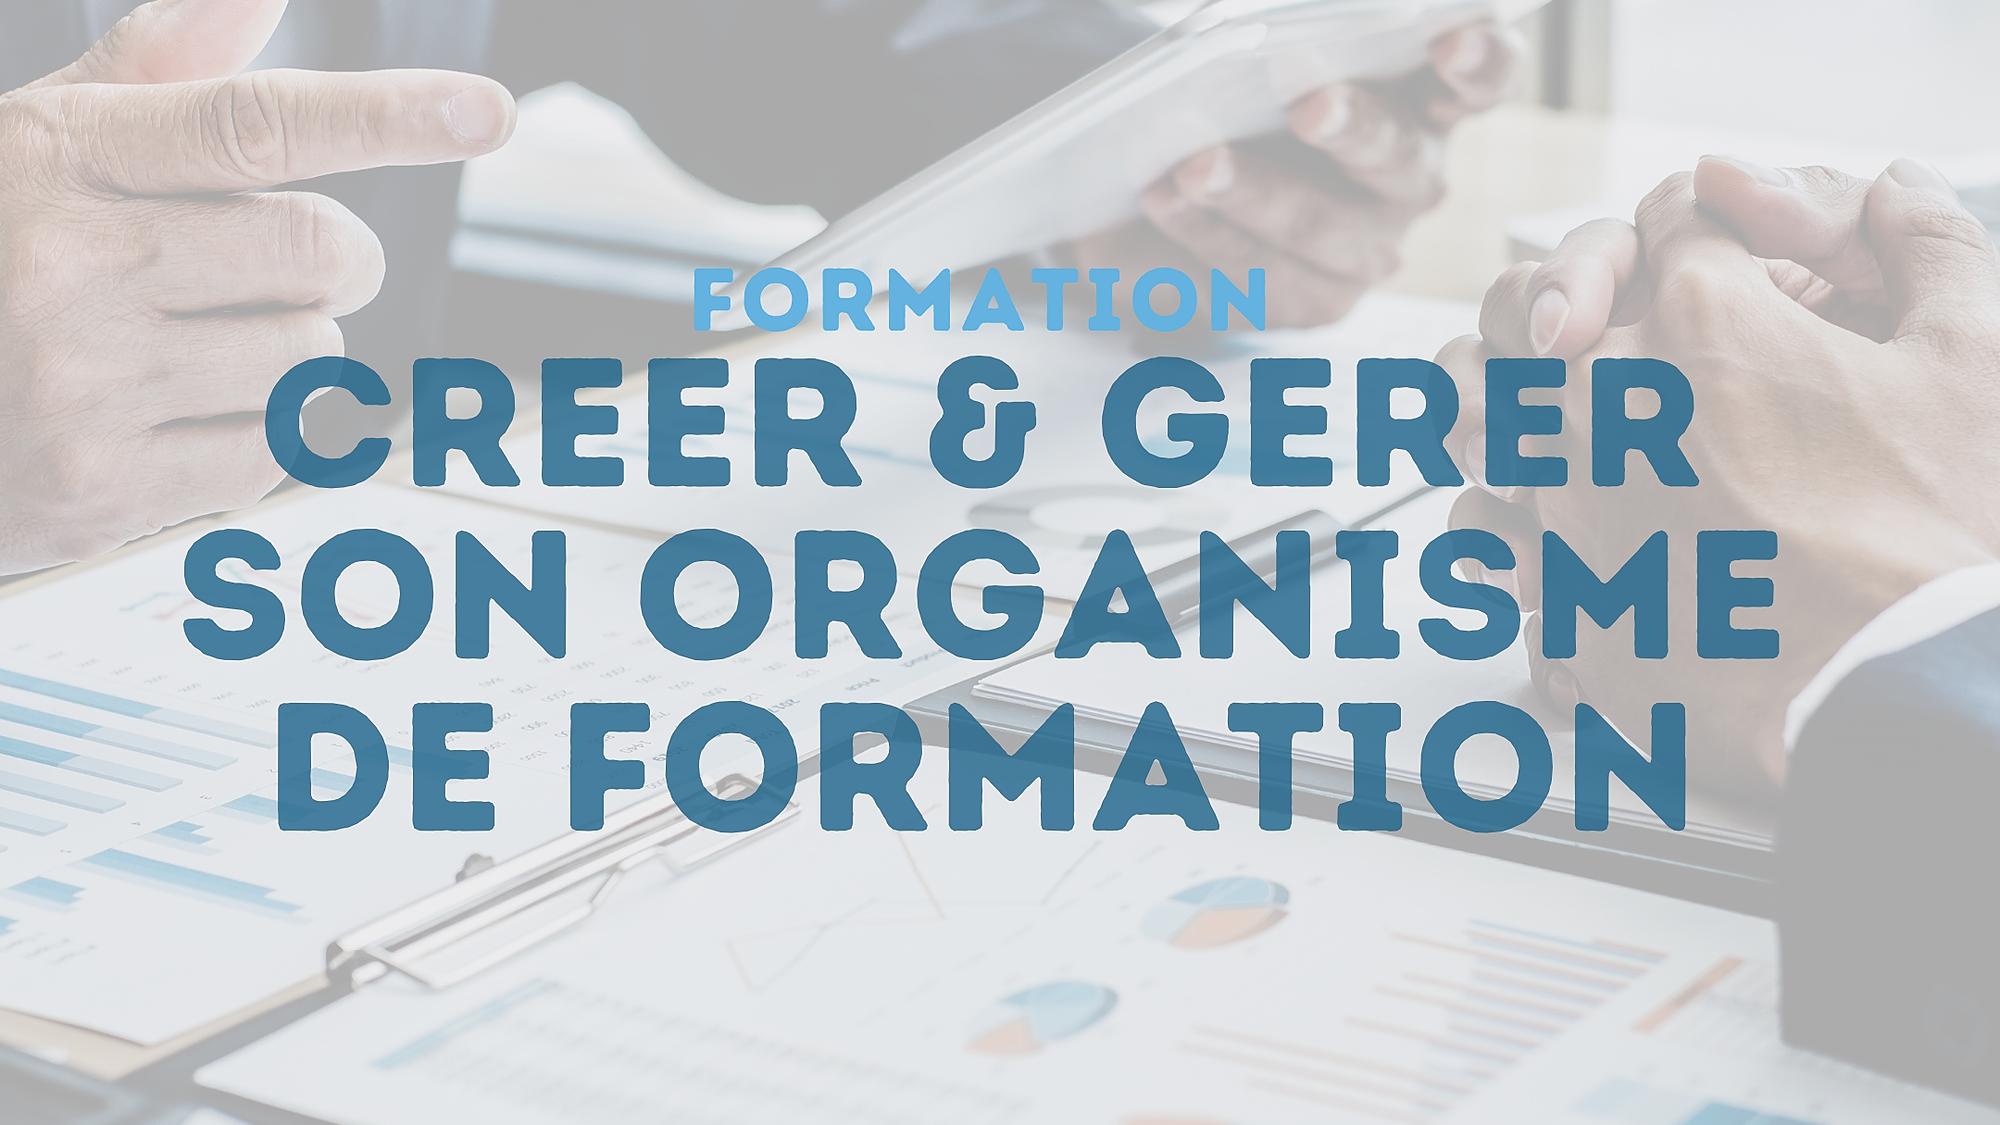 Représentation de la formation : CRÉER, GÉRER ET RÉFÉRENCER SON ORGANISME DE FORMATION